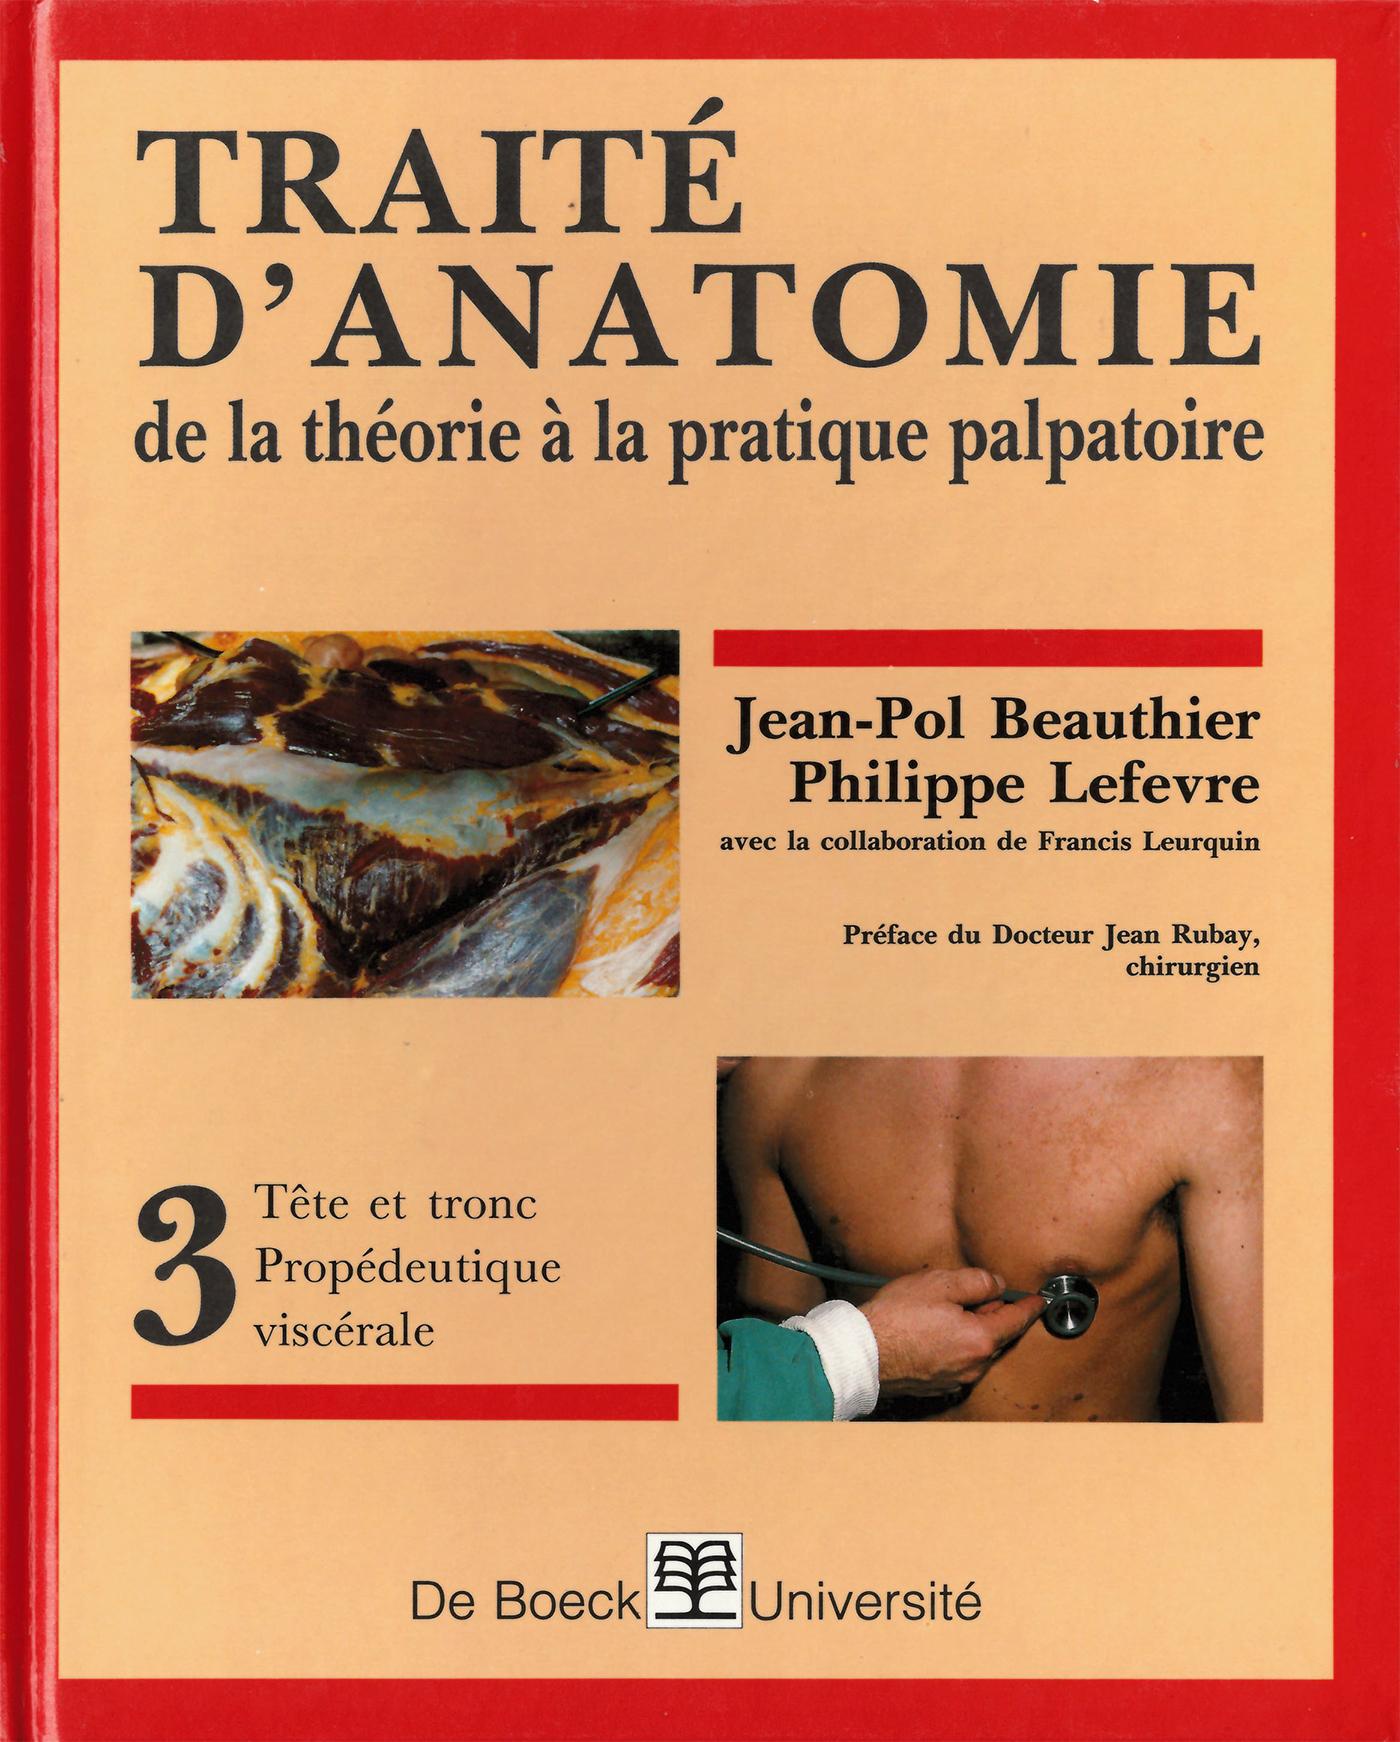 TRAITE D'ANATOMIE DE LA THEORIE A LA PRATIQUE PALPATOIRE 3